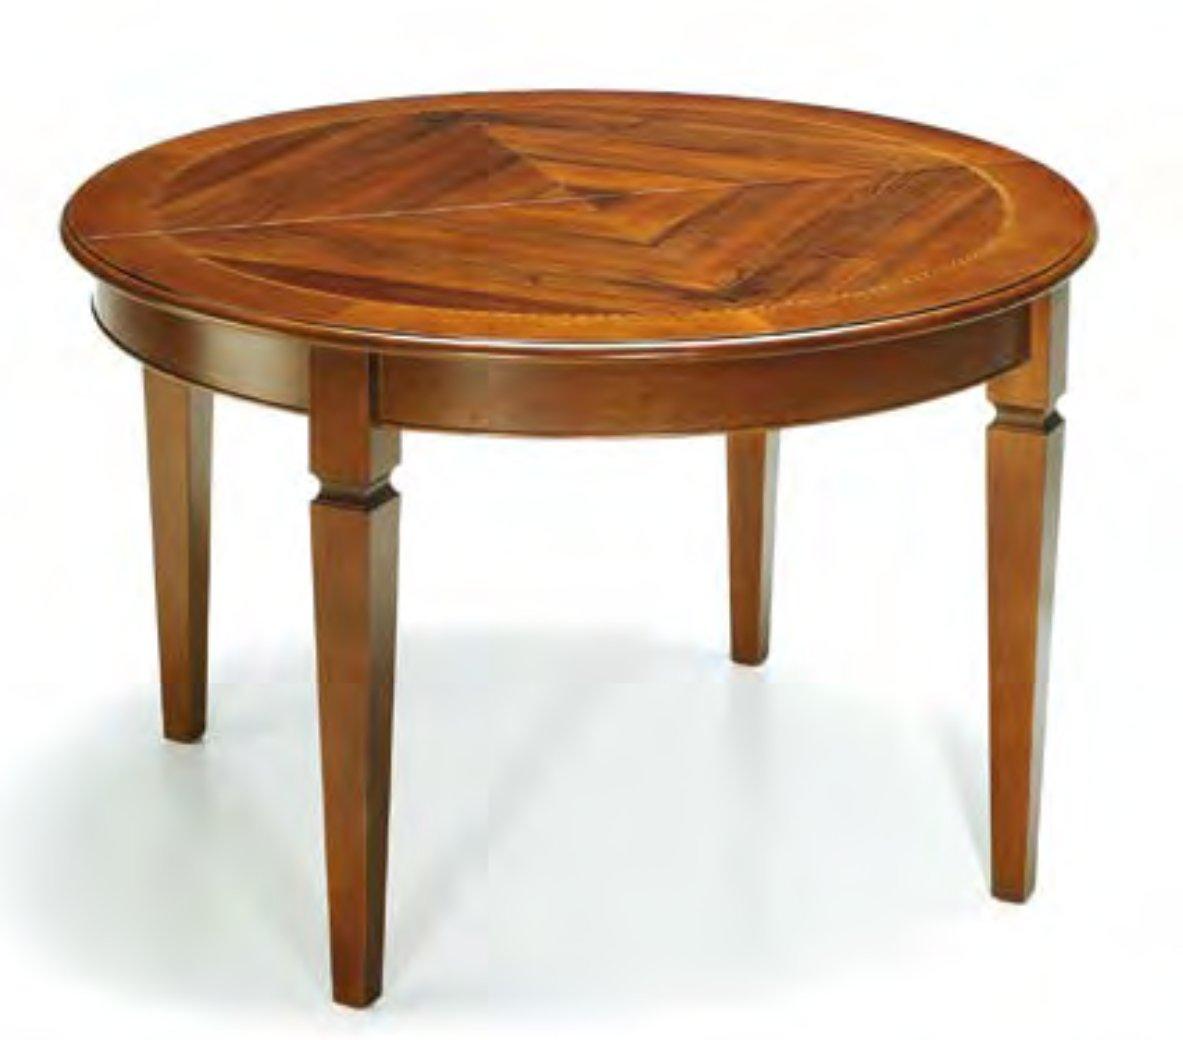 Tavoli e sedie classici avezzano savina mobili for Tavolo 100x100 allungabile